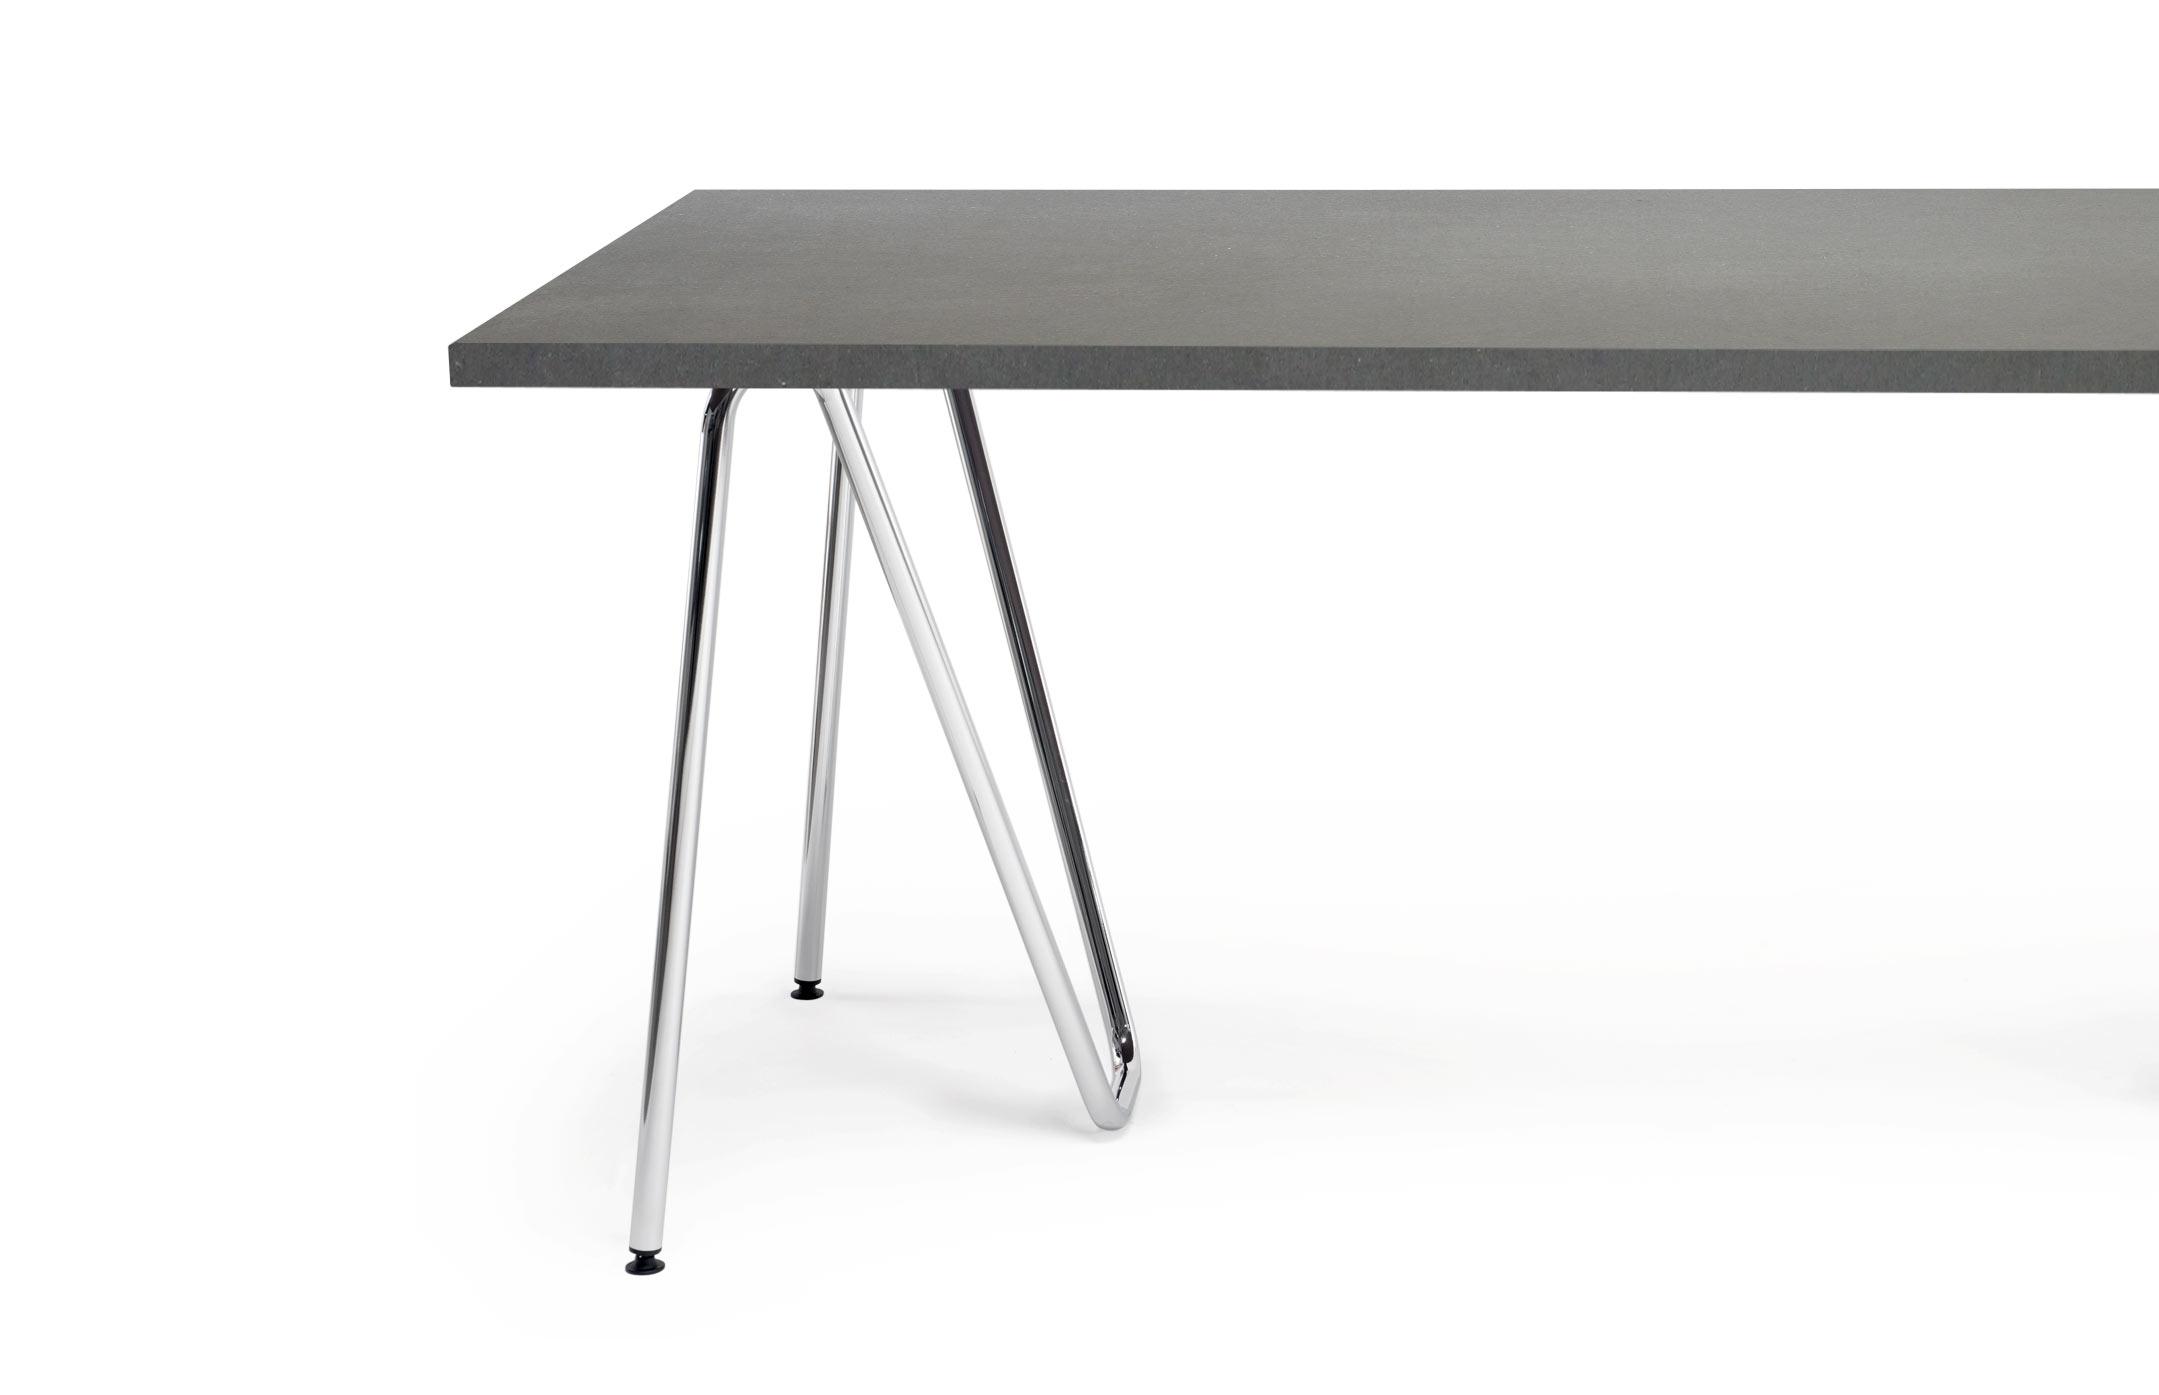 Lz Sinus Tischbock Beton Tischplatte